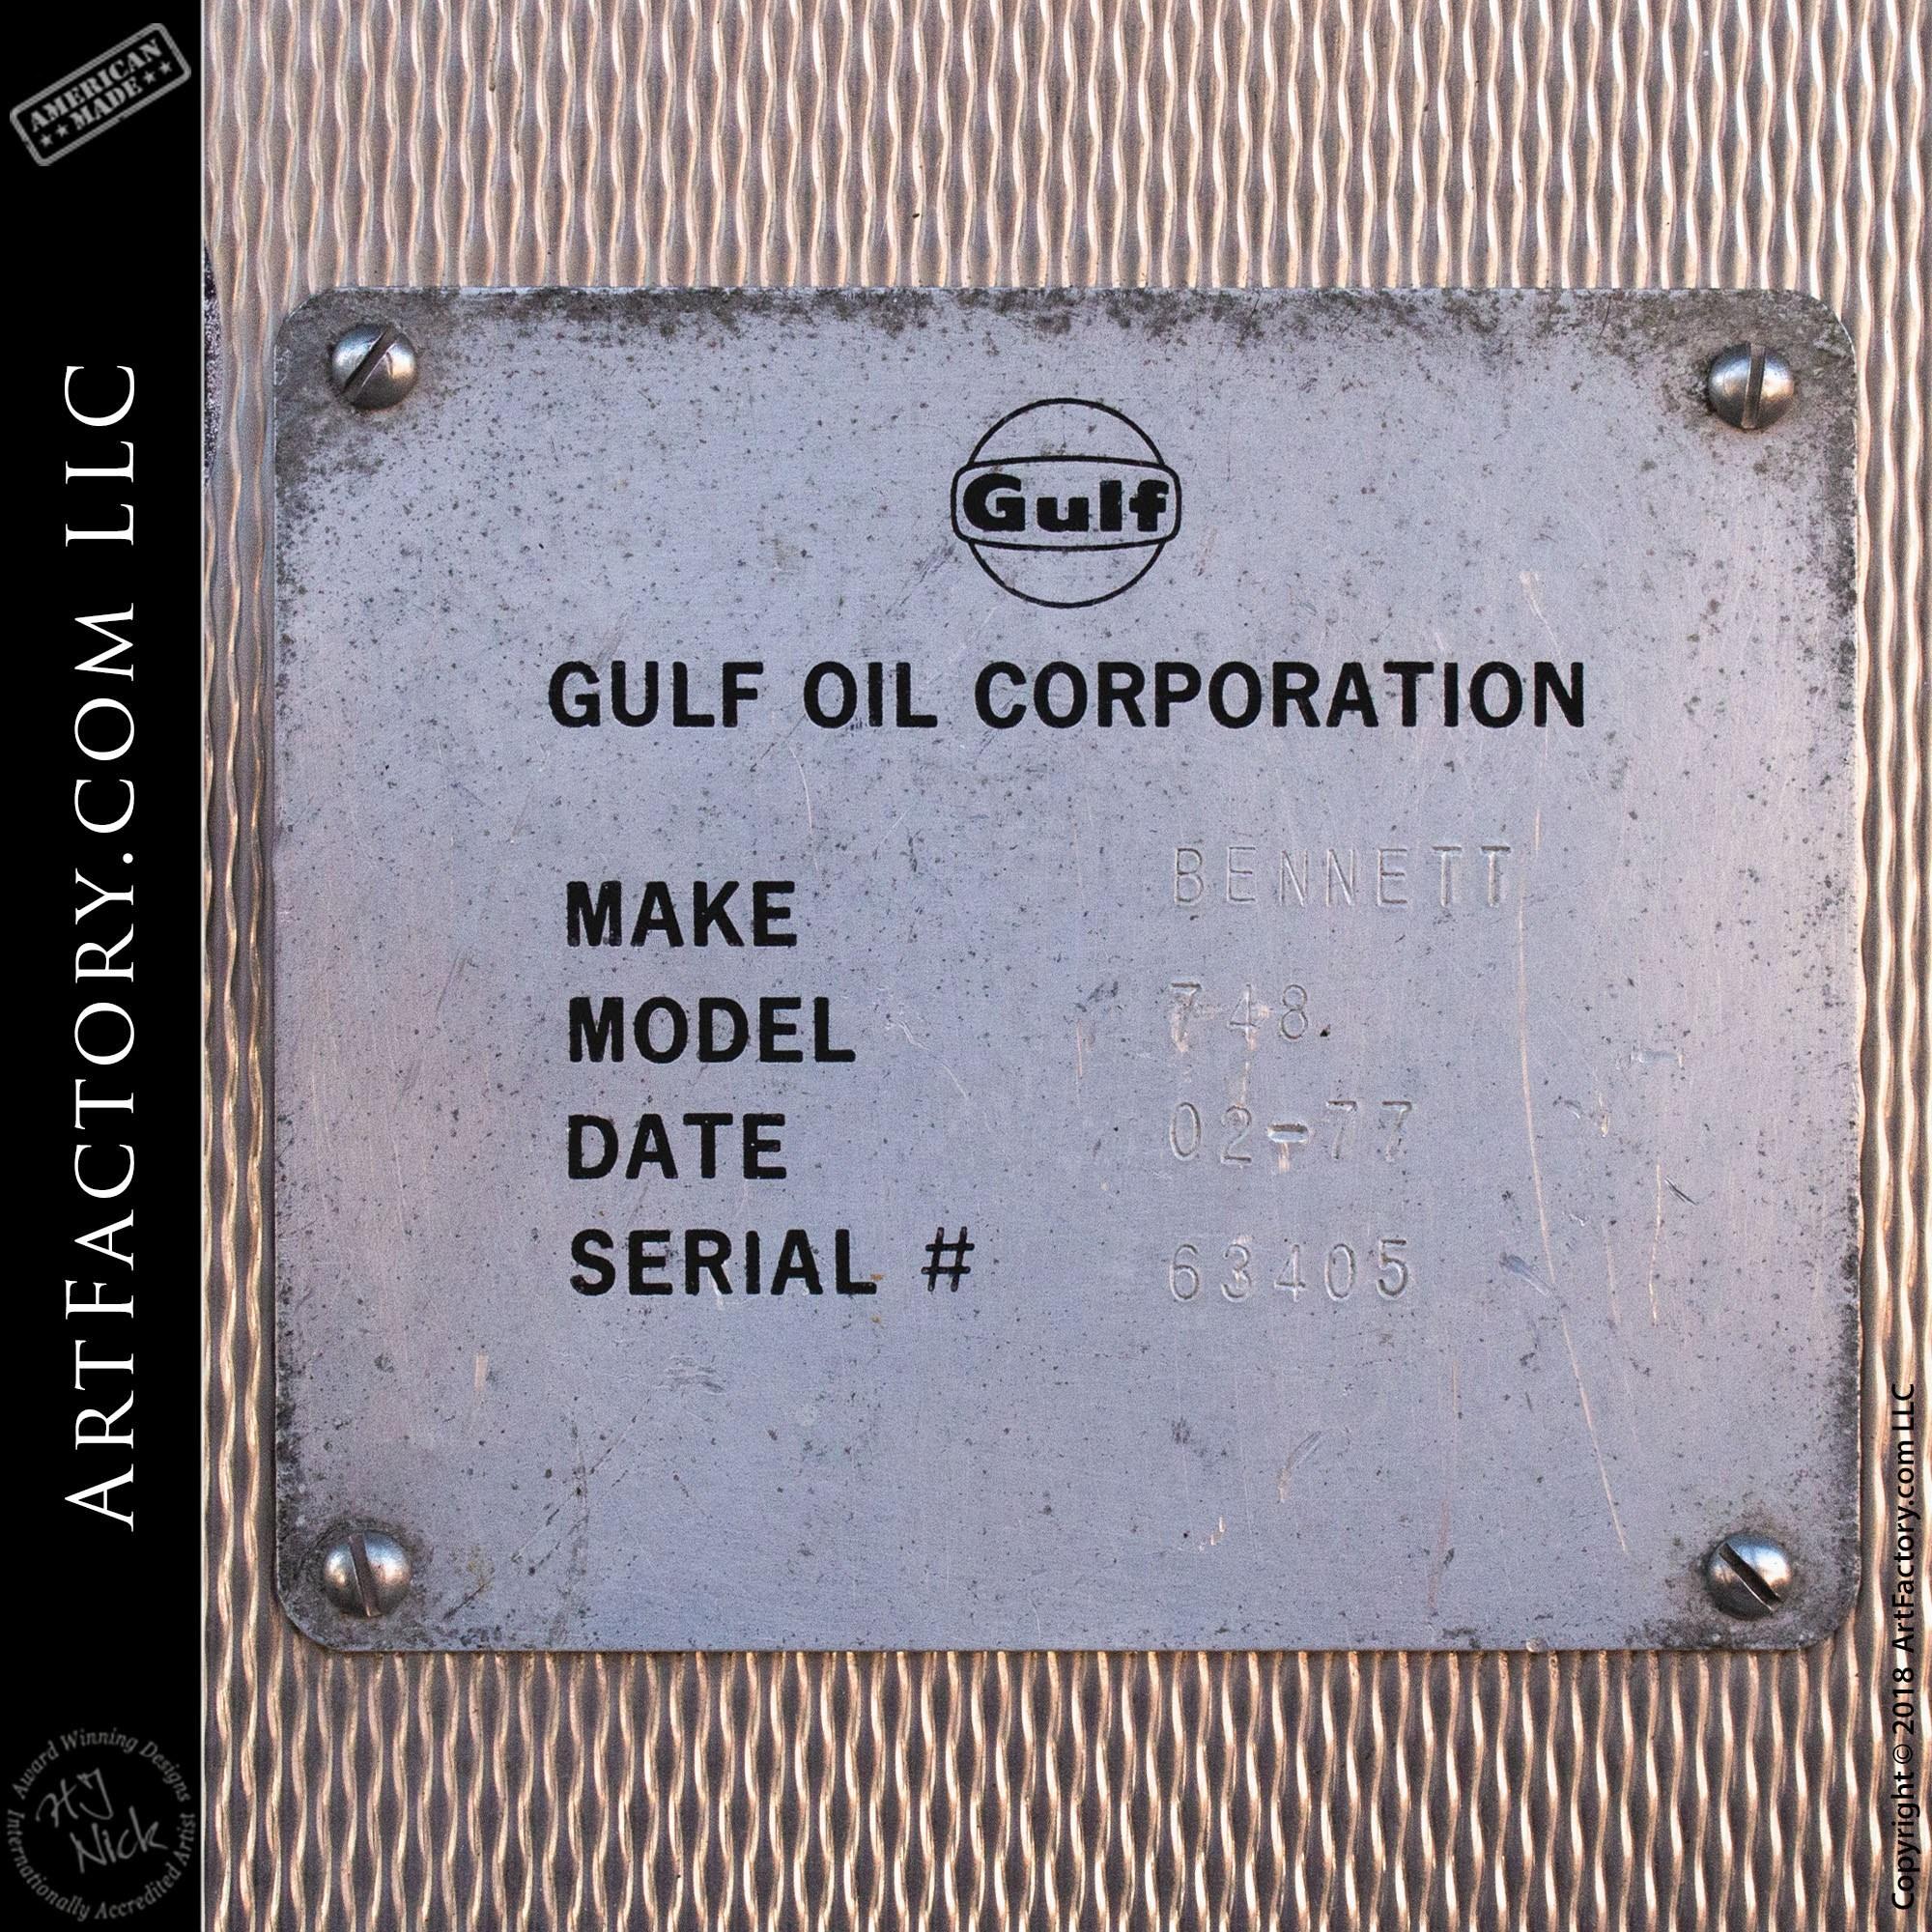 Bennett gas pump manufacture plate